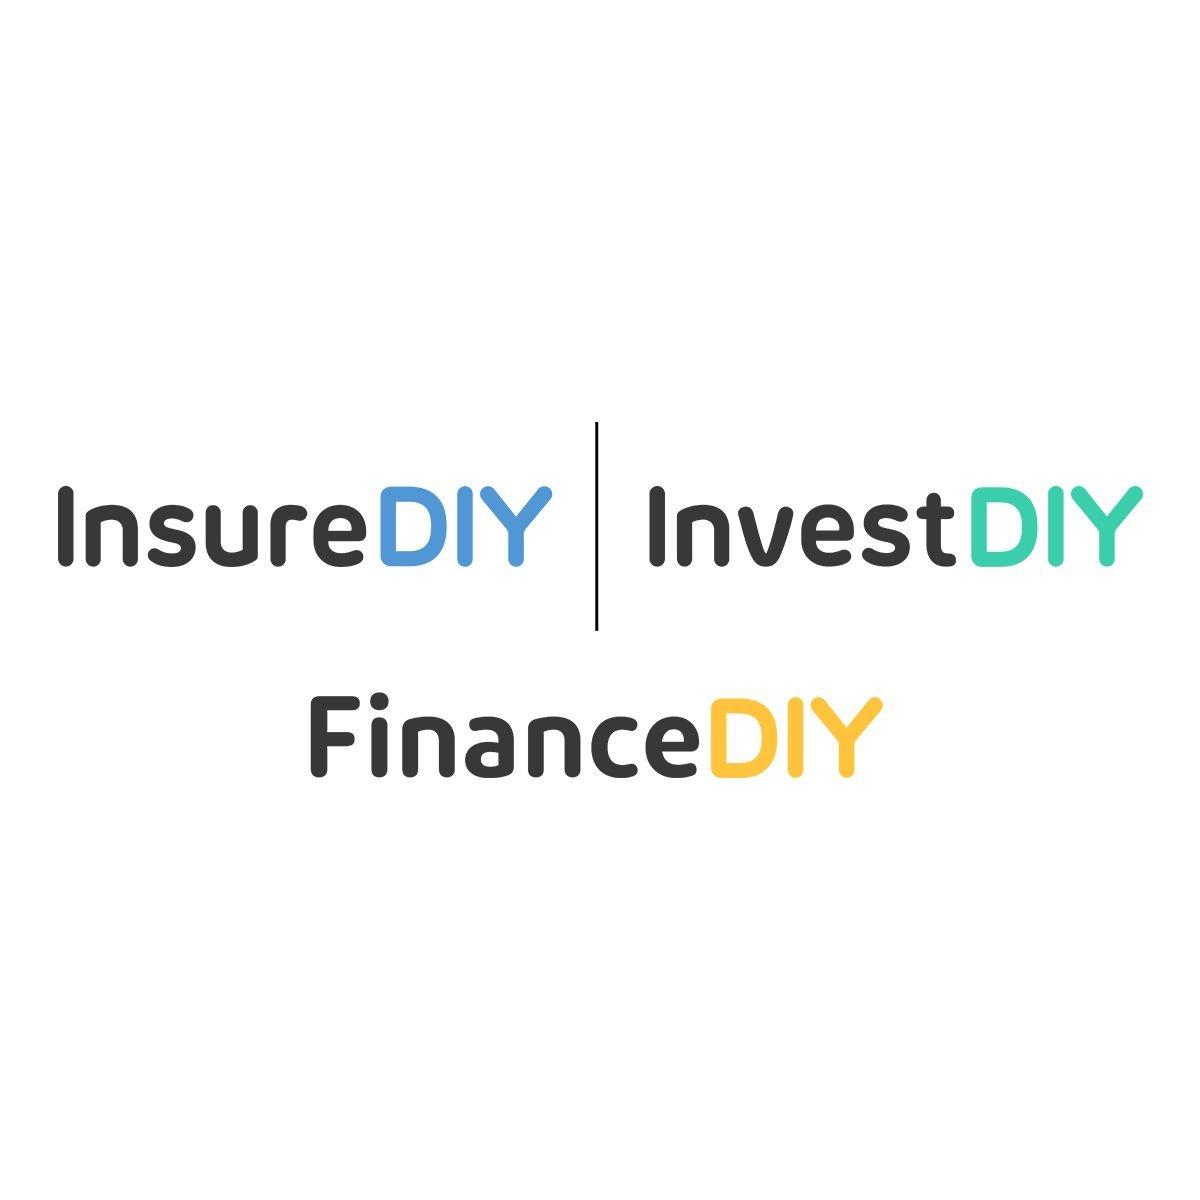 www.insurediy.com.sg